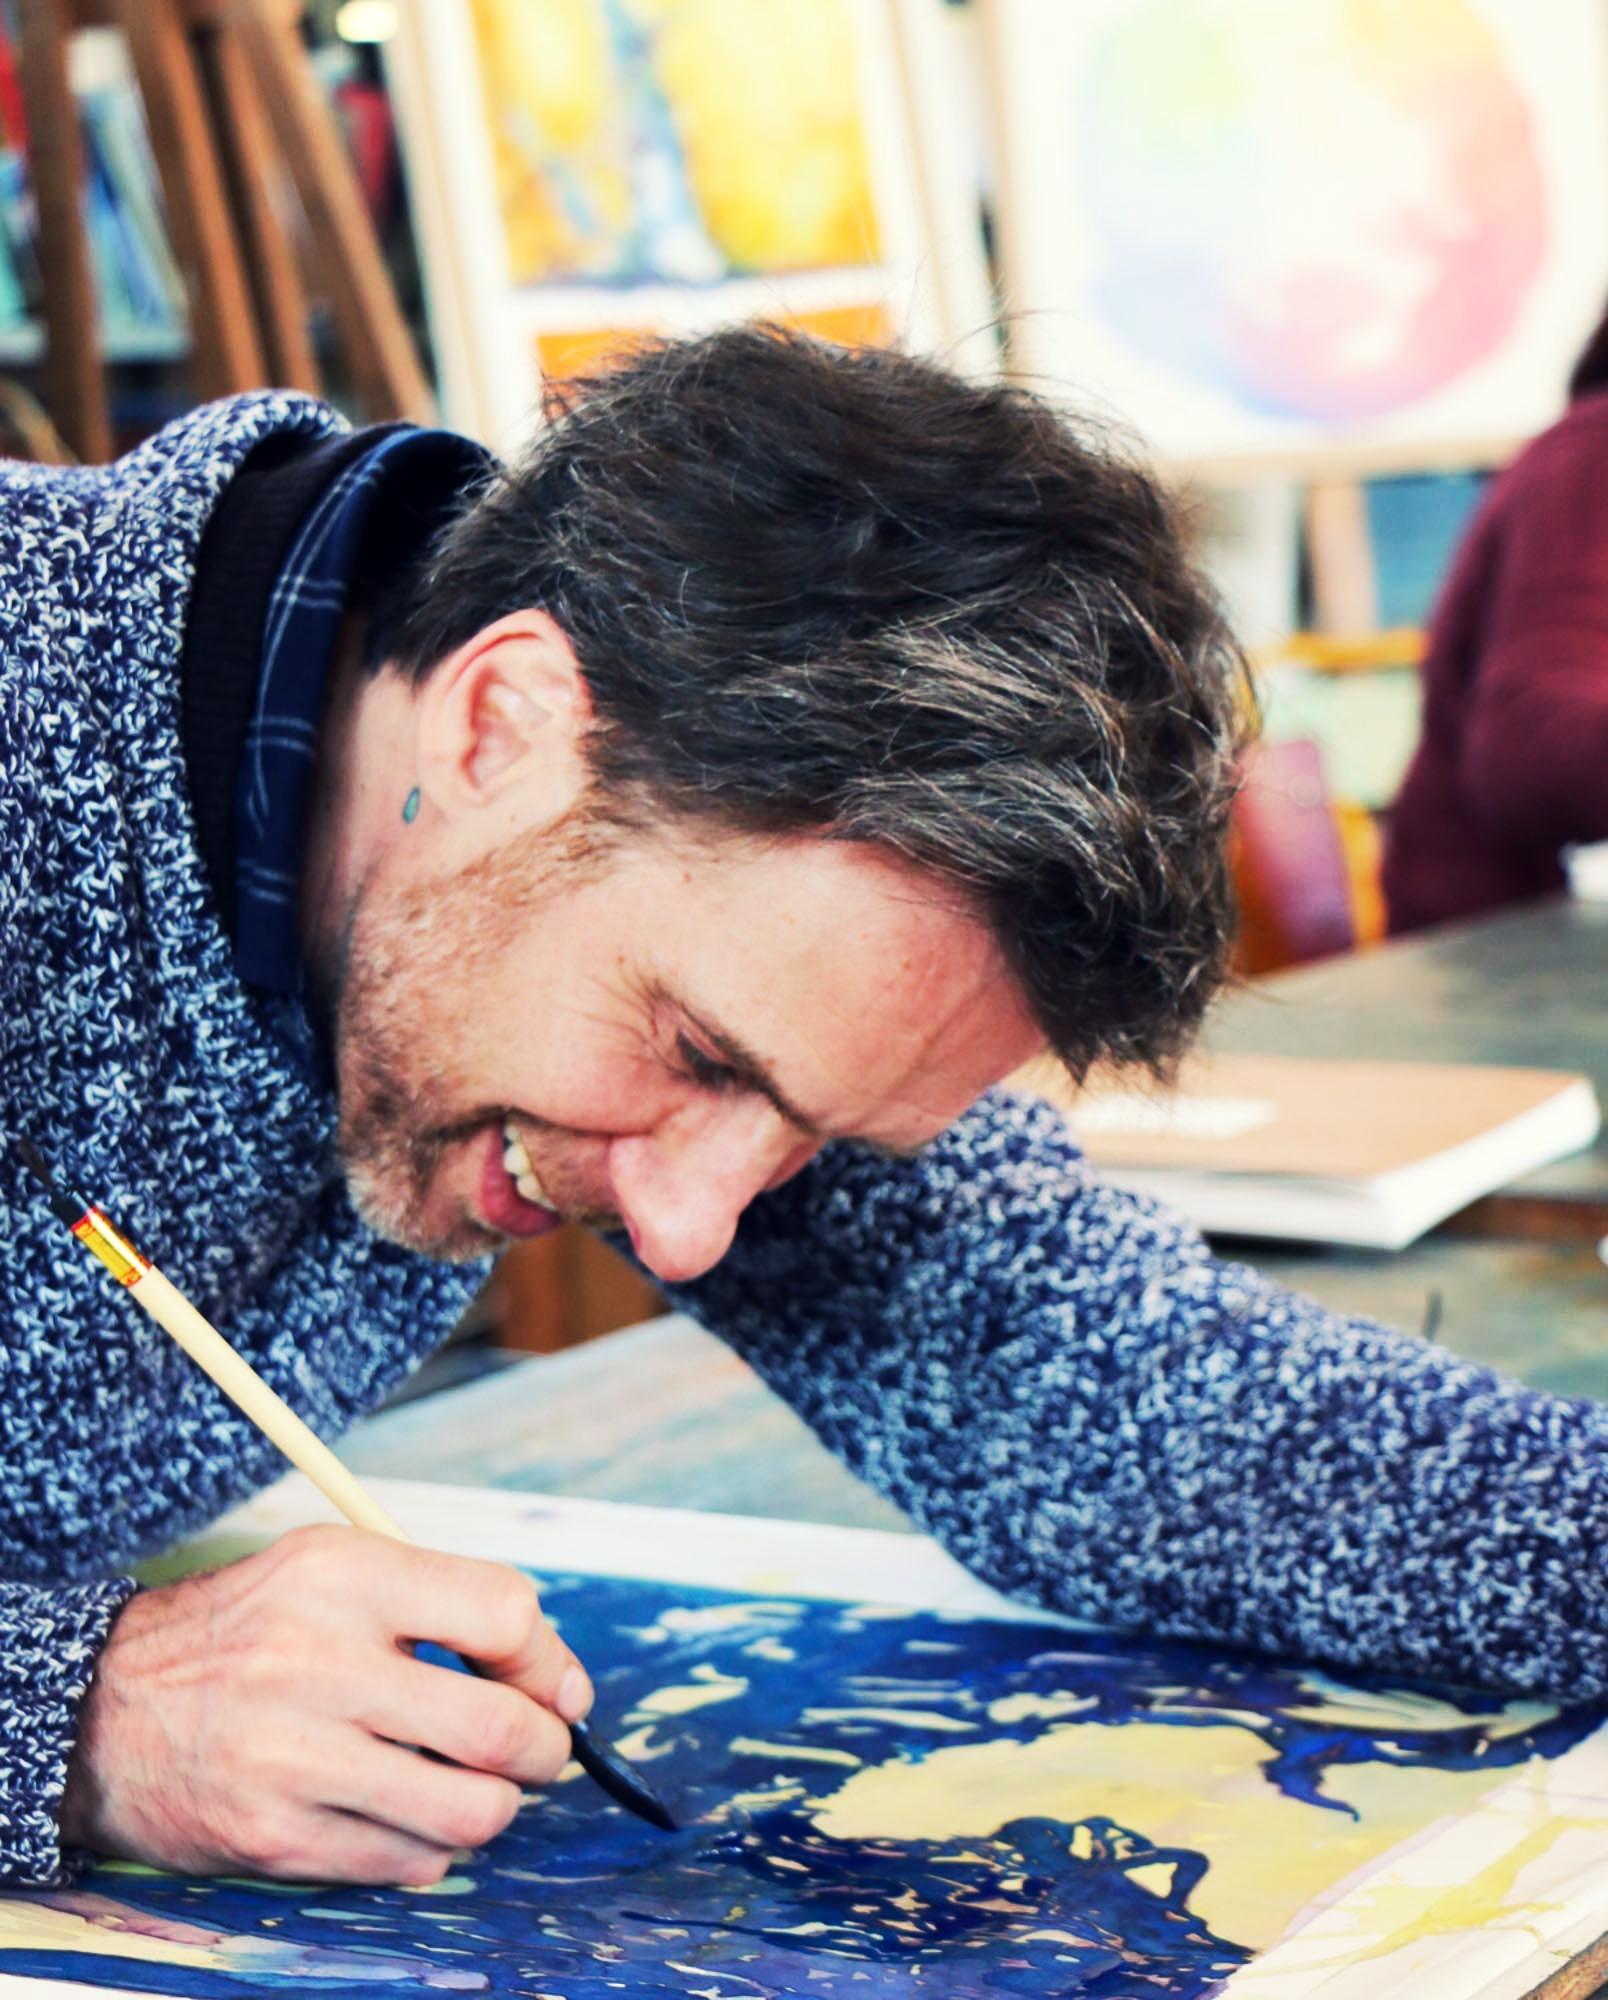 James della Negra - Formé à l'école de peinture «Assenza» à Dornach (Suisse), James della Negra a collaboré dans différents ateliers, celui de Charles Blockey en Suisse, Didier le Marec à l'Atelier du Coin entre autres. Il a travaillé également dans plusieurs ateliers à Paris et dans le sud de la France notamment à Alès où il a été co-fondateur de l'espace d'art : Vues d'ensemble. Depuis plusieurs années il travaille au Foyer Michaël en tant que co-responsable de la formation générale, et y anime l'atelier peinture.